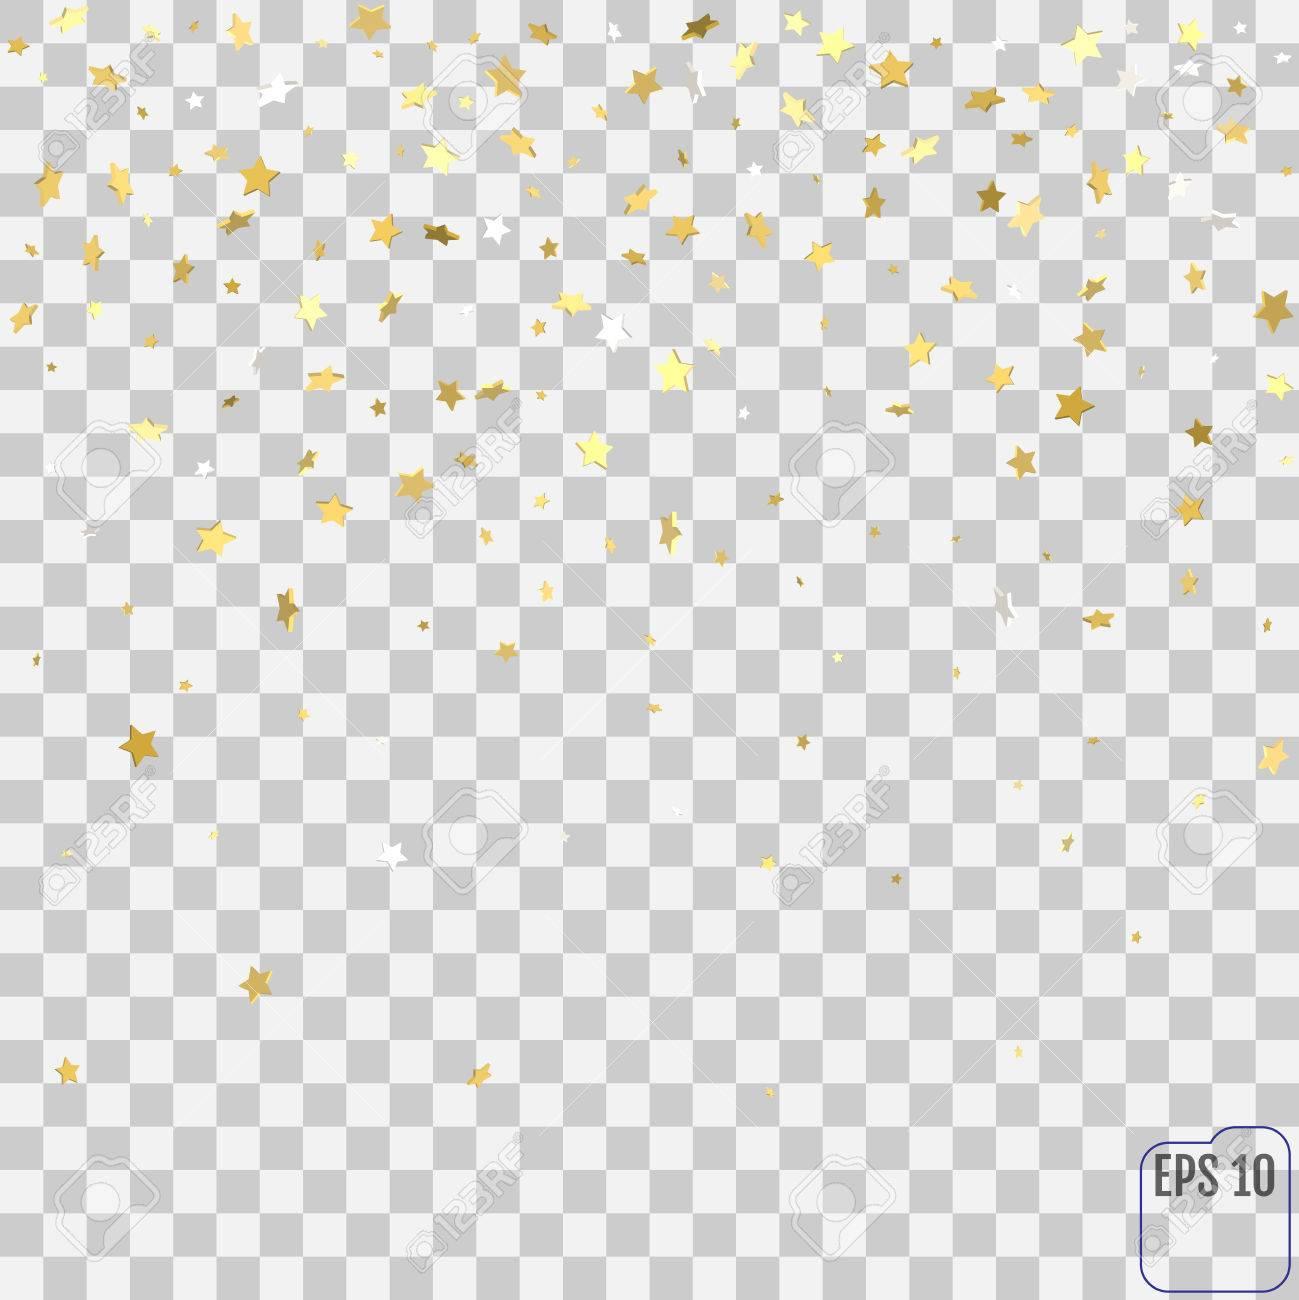 Confetti background vector golden confetti background - Gold Star Confetti Rain Festive Holiday Background Vector Golden Paper Foil Stars Falling Down Isolated